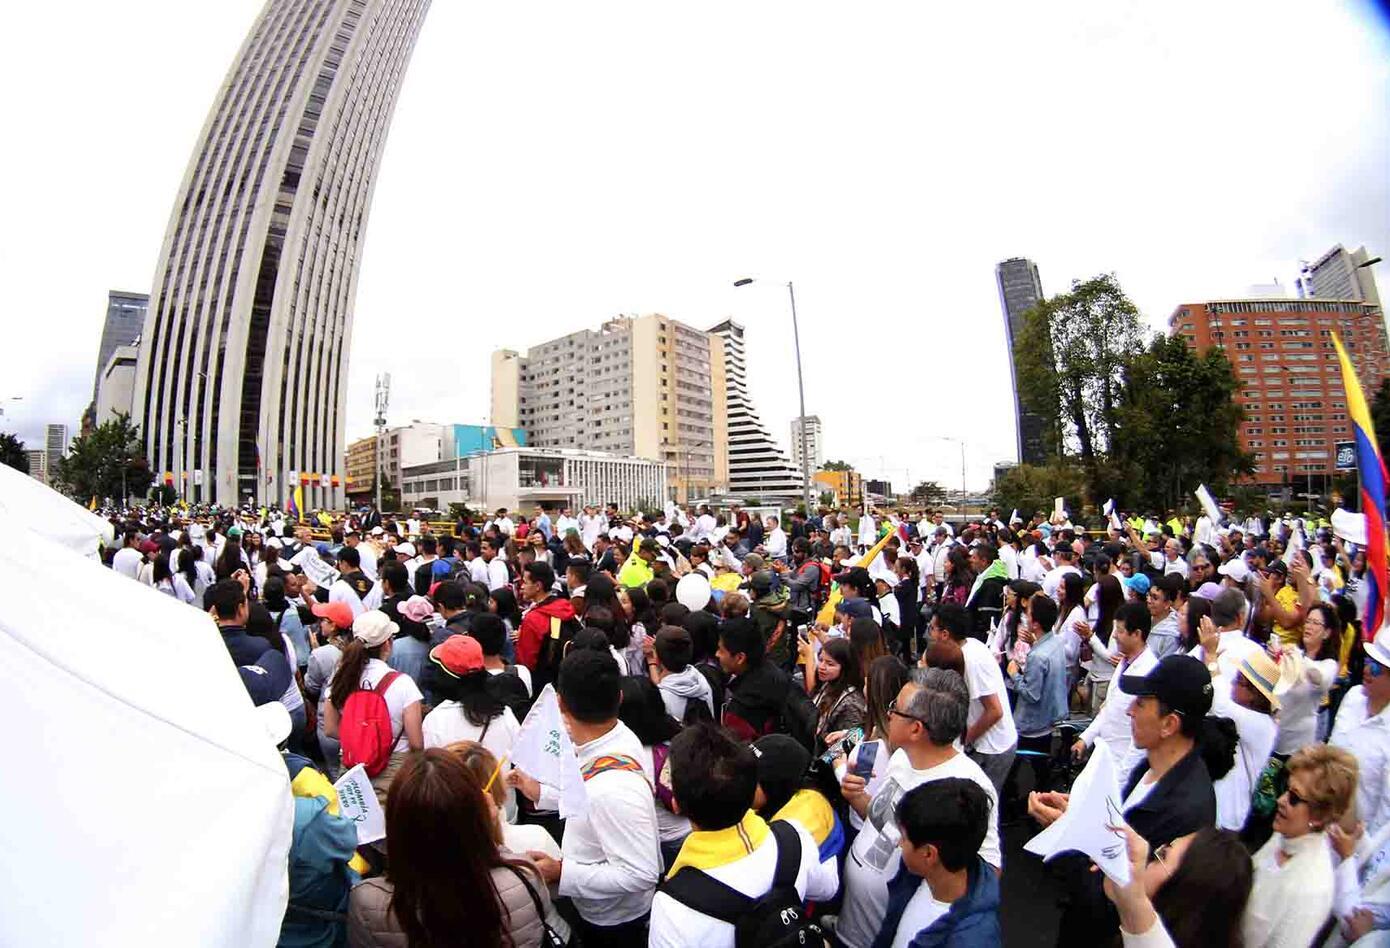 Así se veía uno de los puntos claves de Bogotá en medio de la marcha contra el terrorismo.